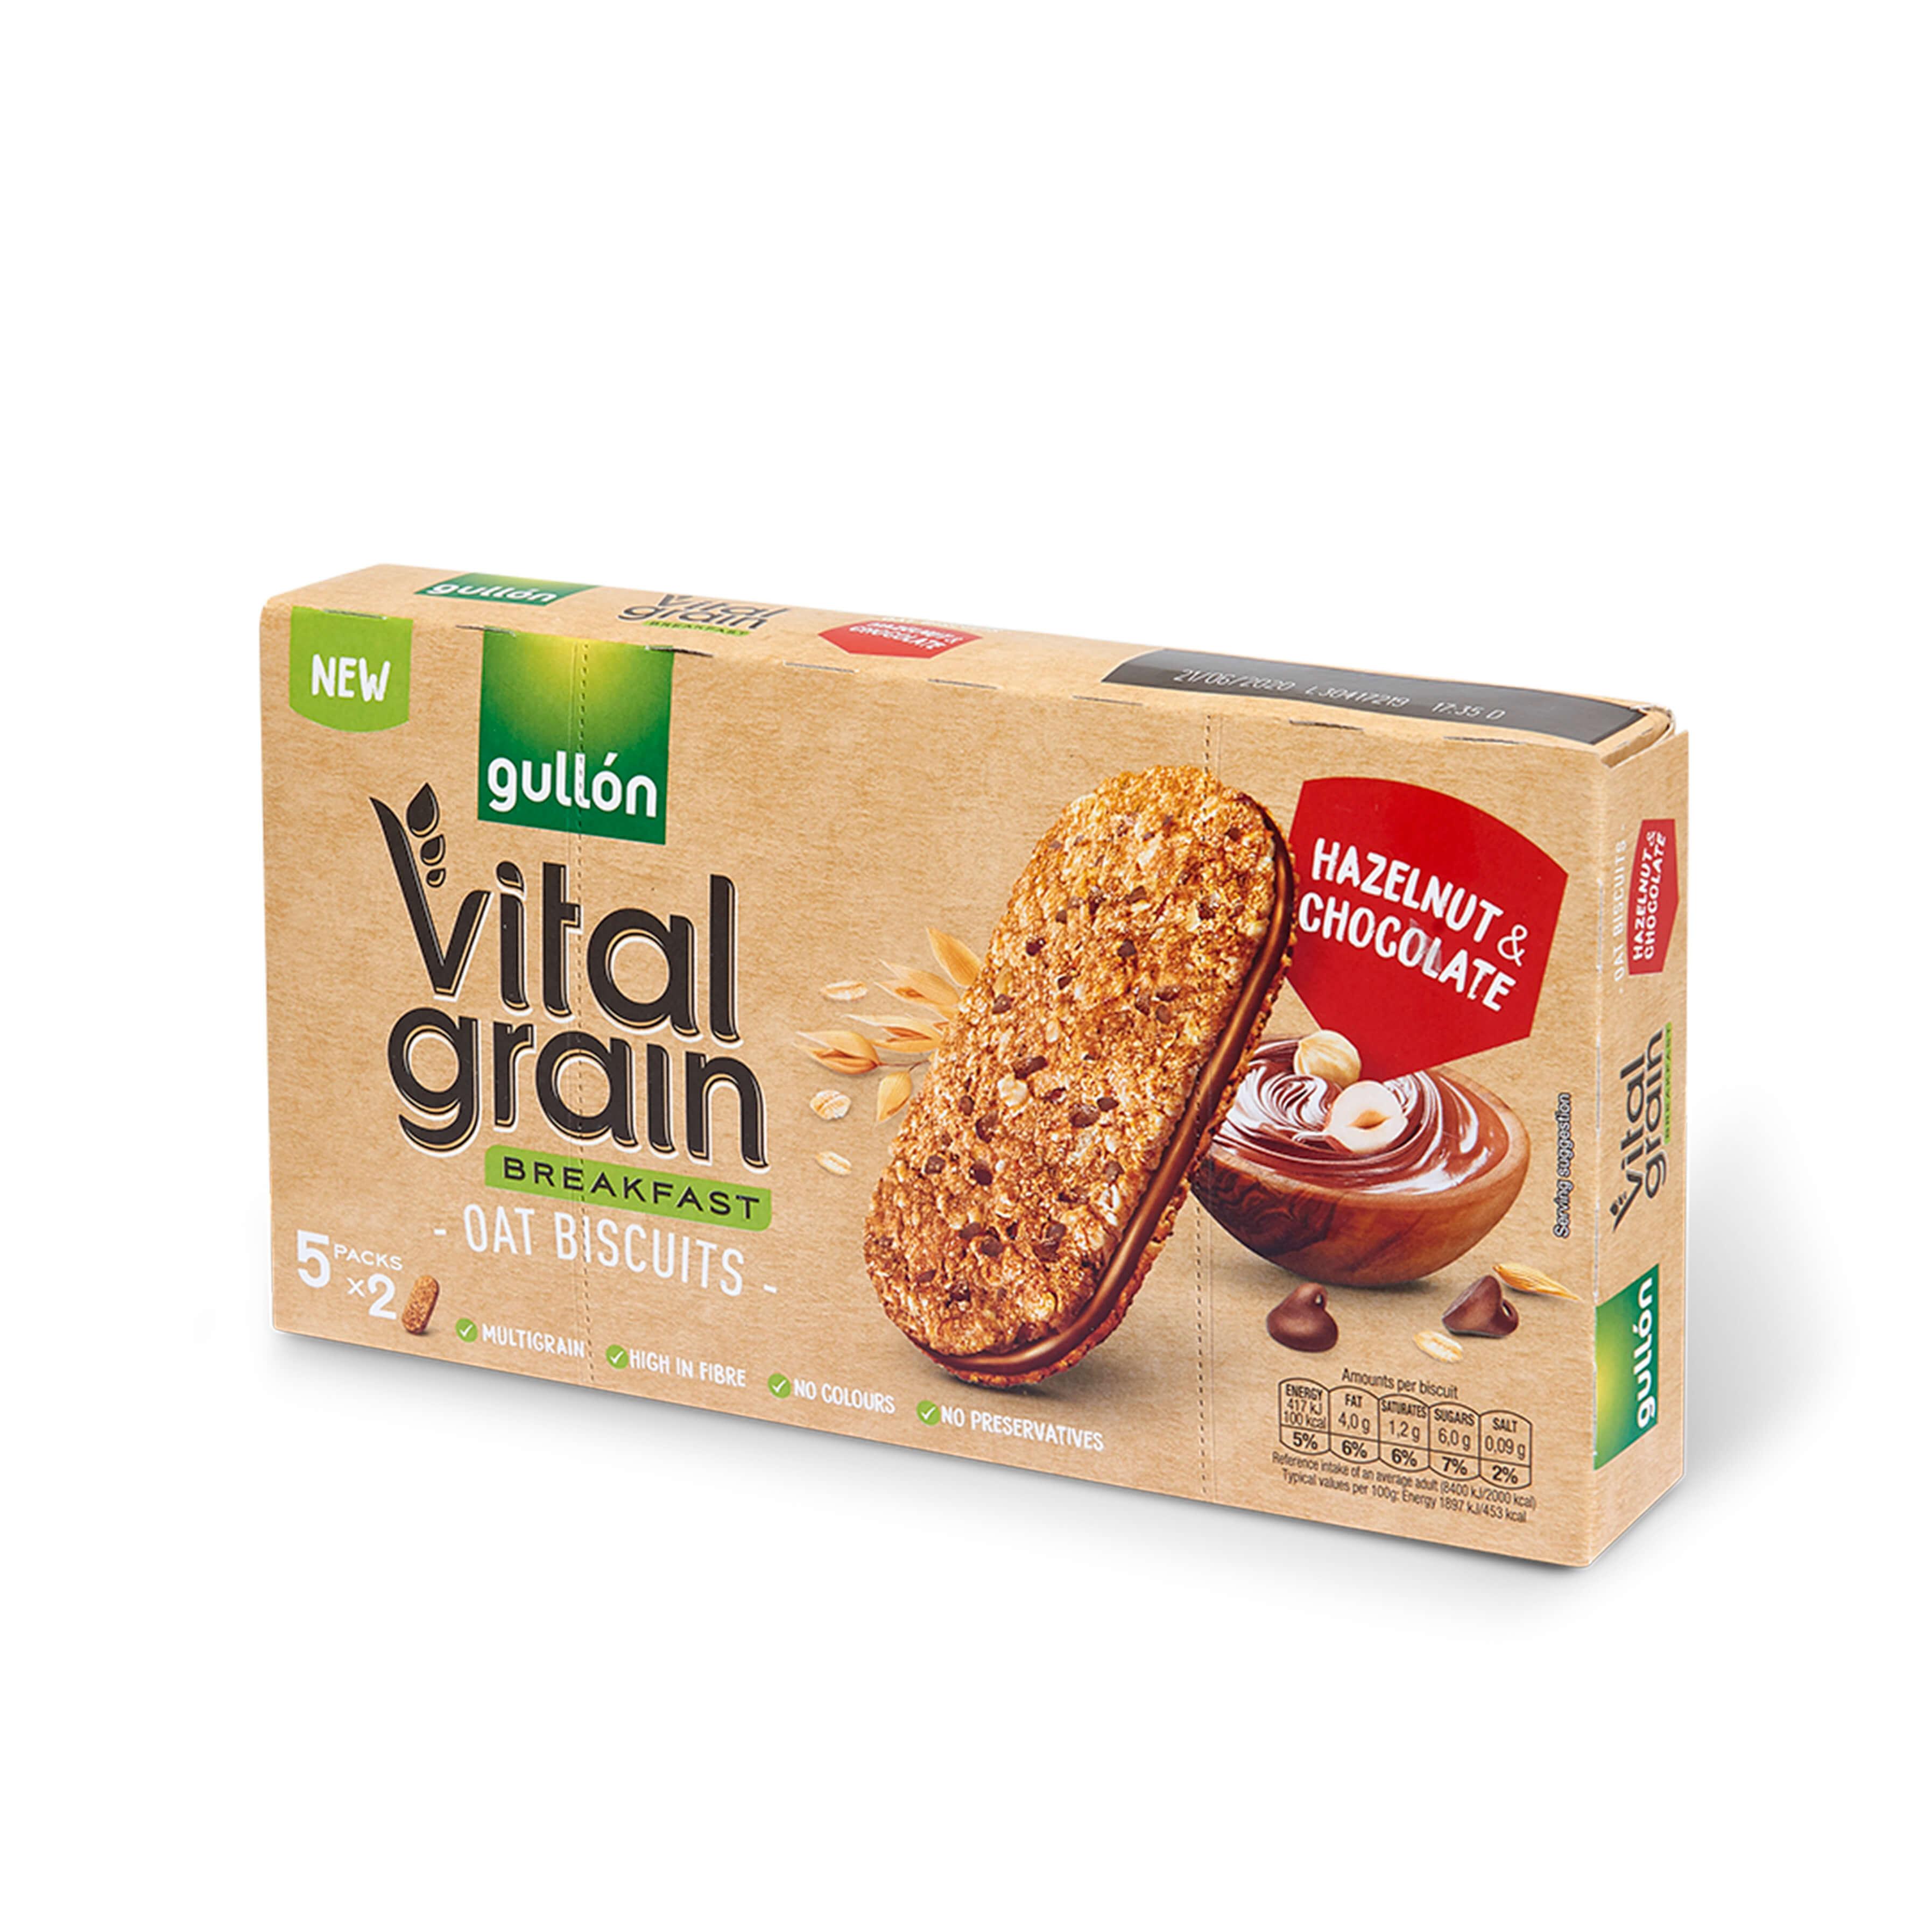 vitalgran_biscuit-hazelnut_01_en